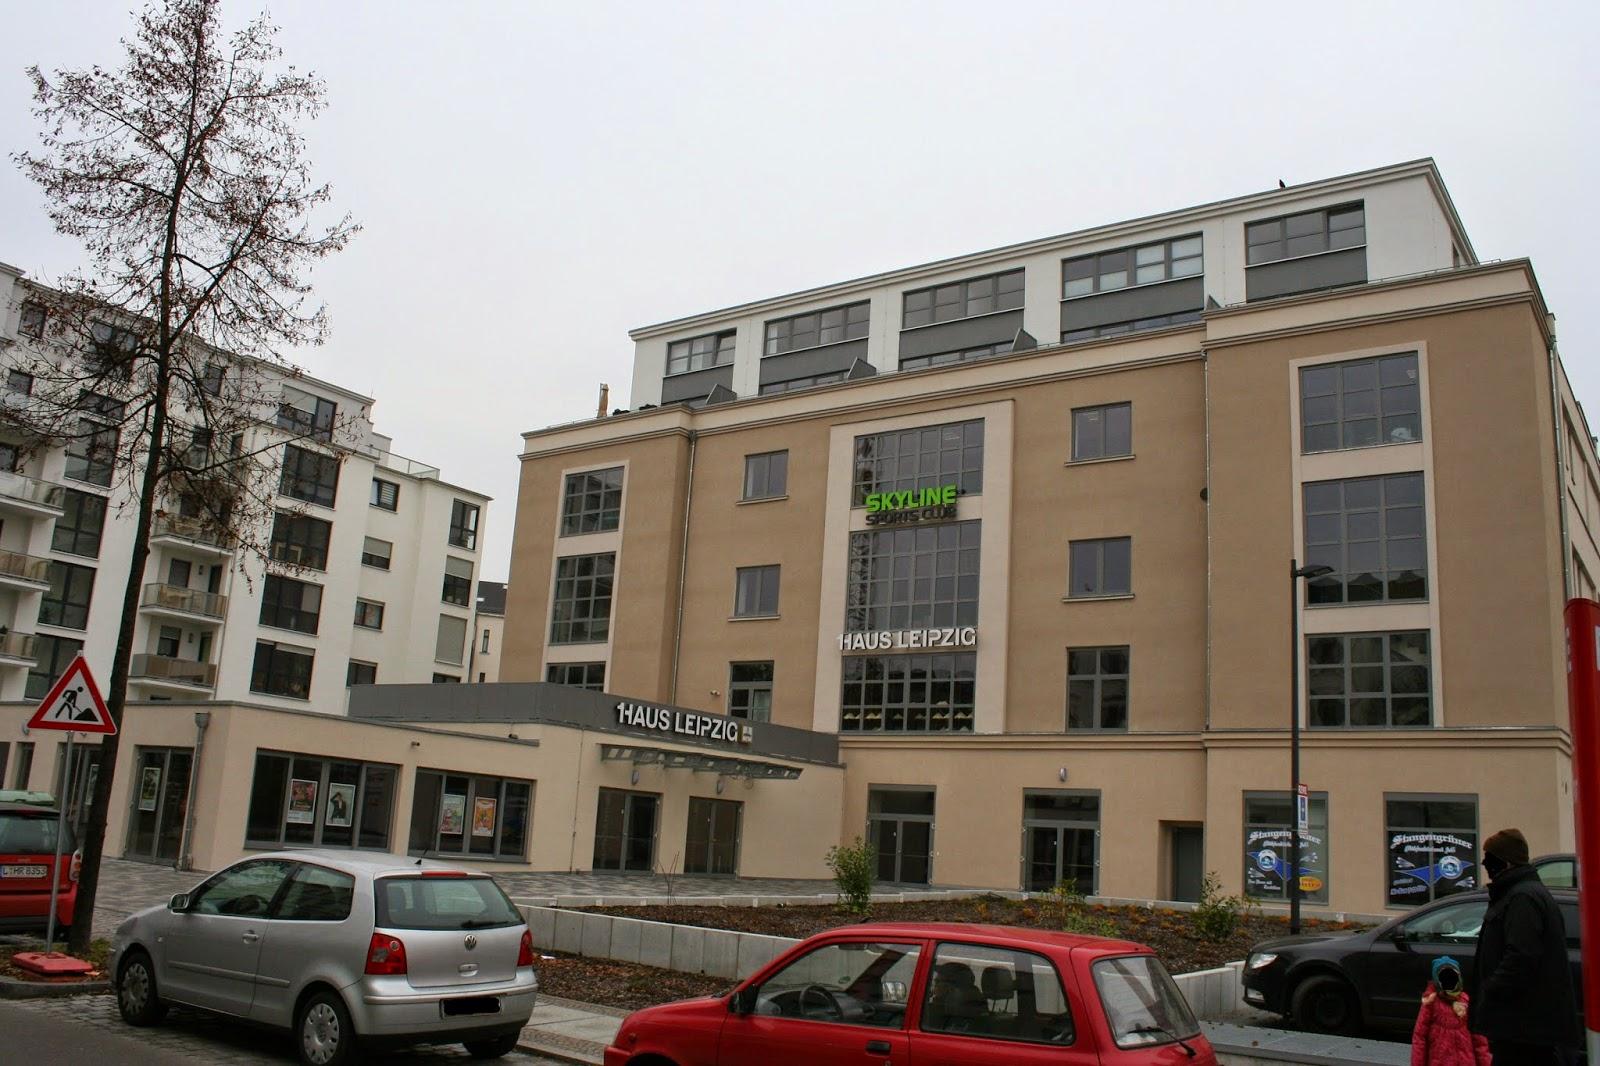 Das Haus Leipzig in der Elsterstraße wurde ca. ab 1927 errichtet, nachdem im selben Jahr auf dem Grundstück eine ehemalige Reithalle abgerissen wurde - 1930 wurde darin eine Kegelhalle eröffnet